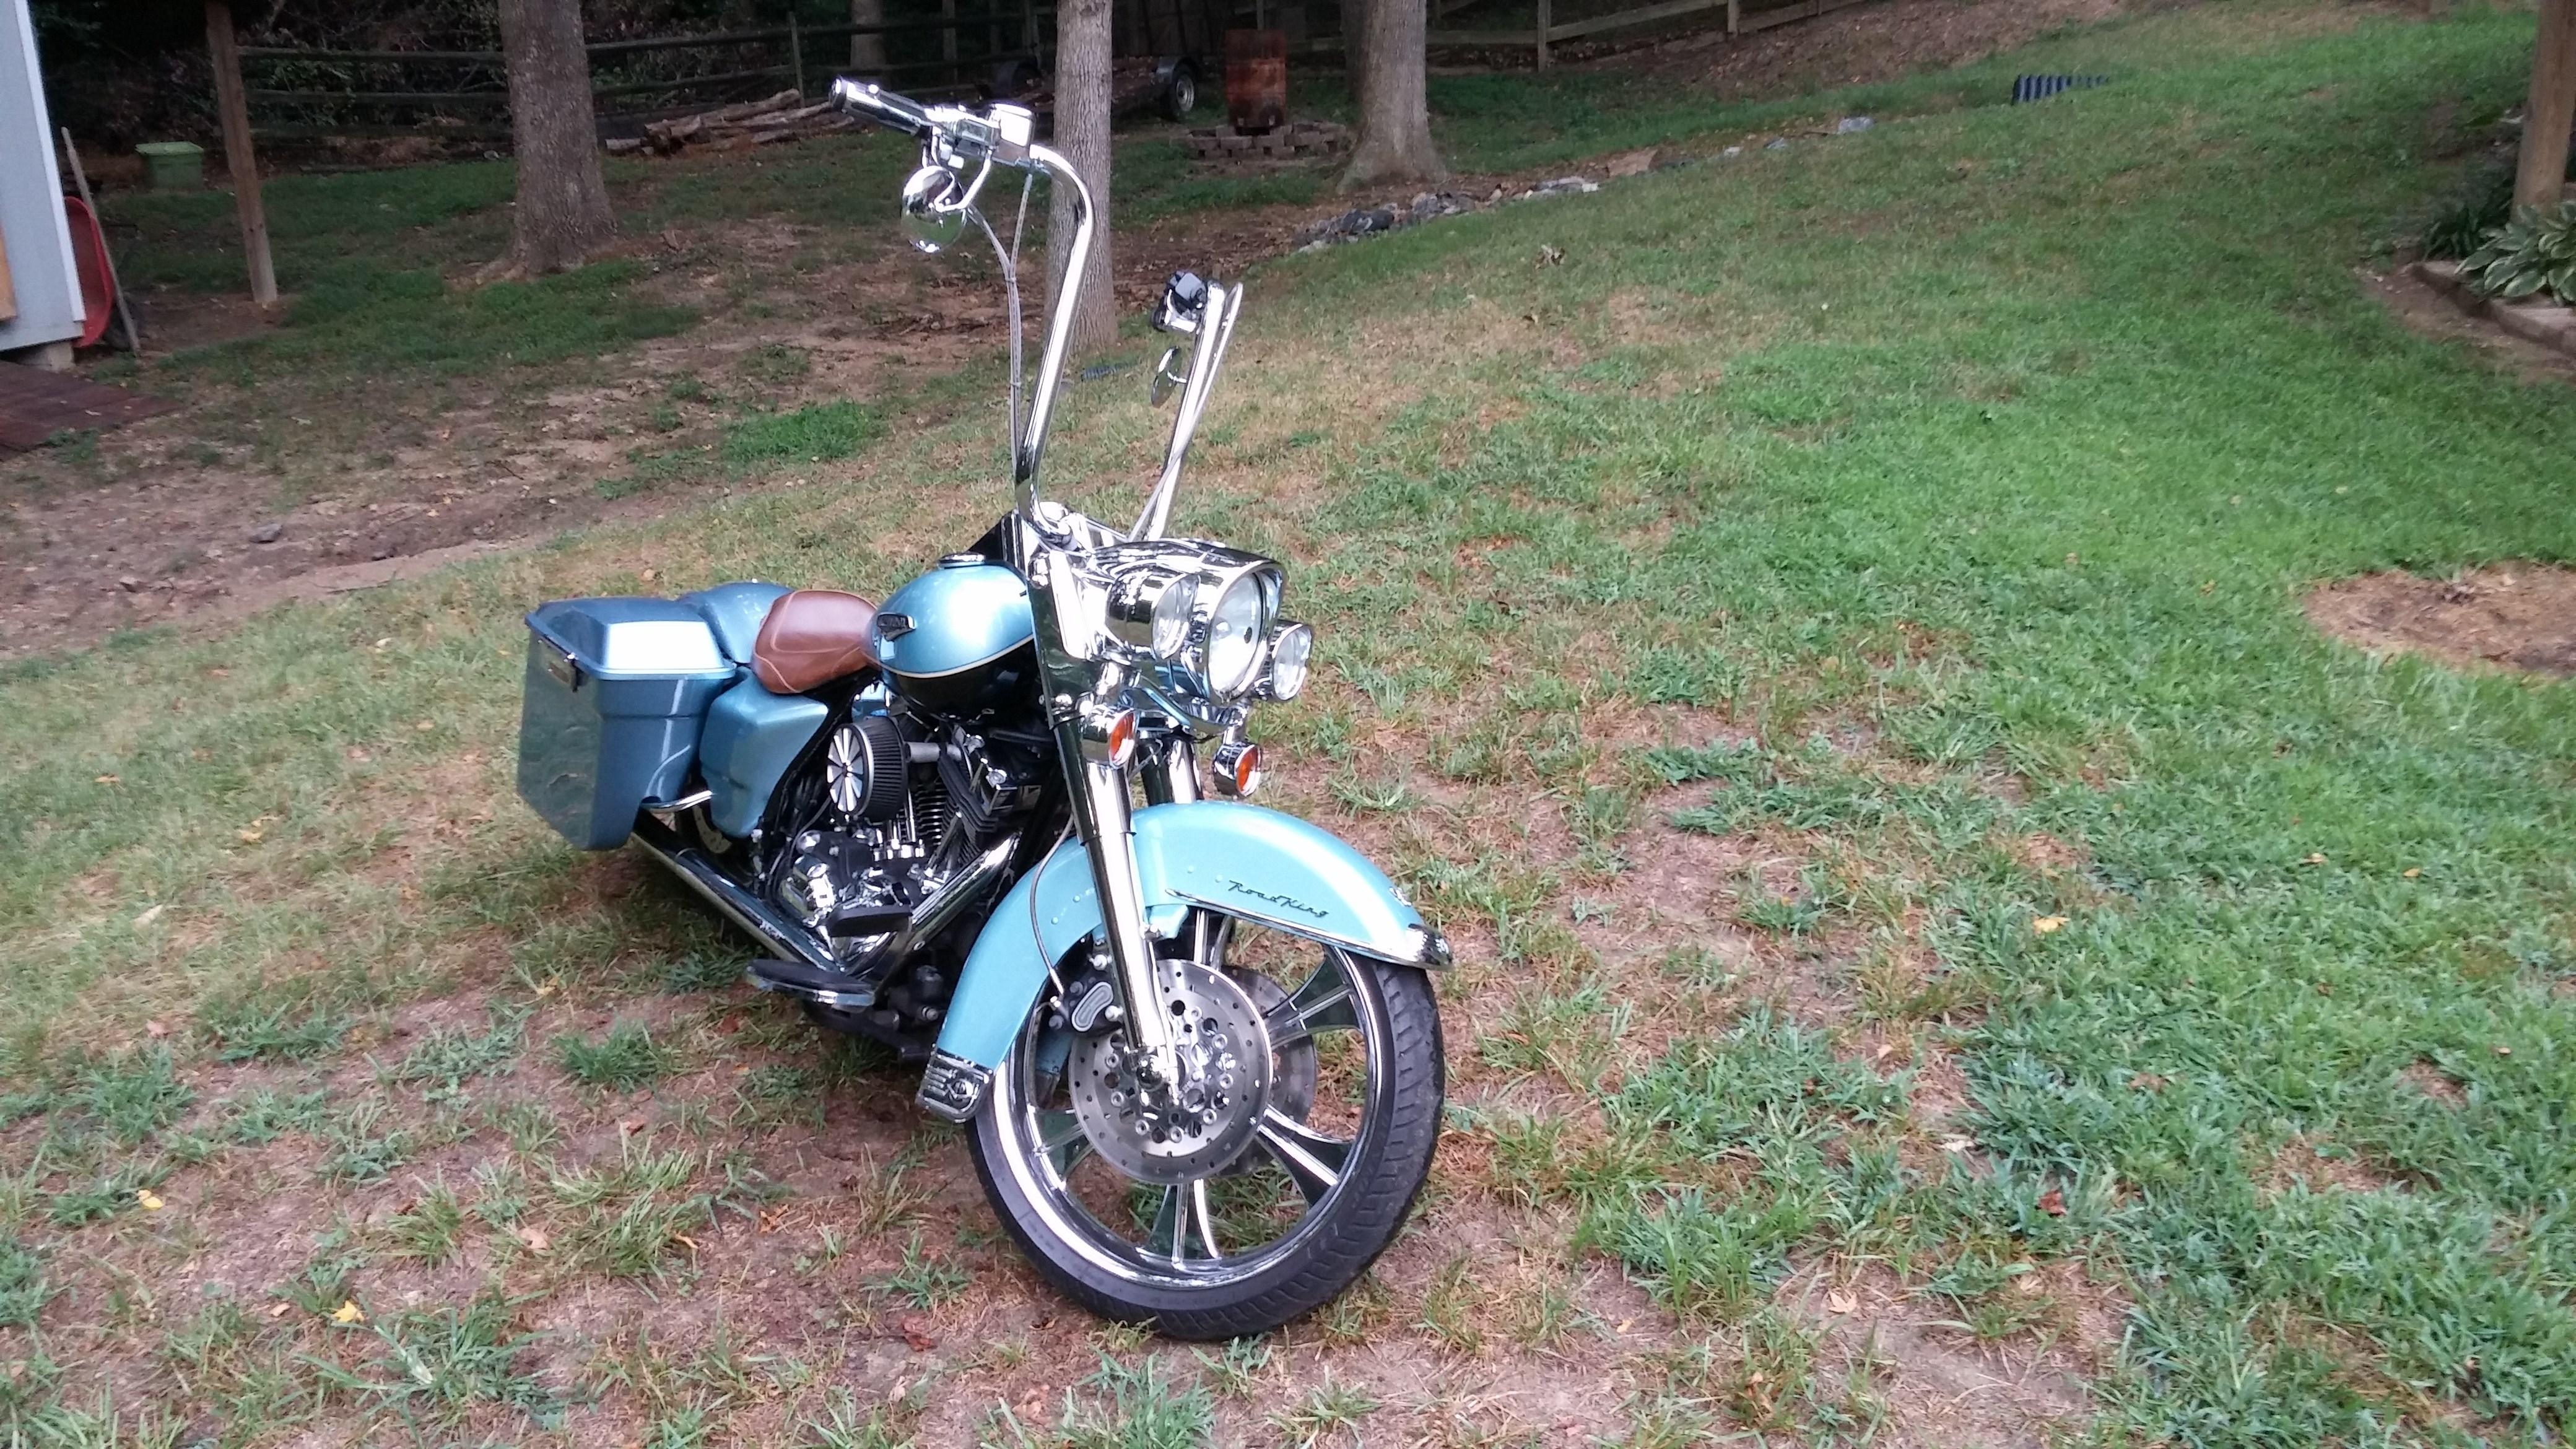 Harley Davidson Road King For Sale Mustang Ok >> 2007 Harley-Davidson® FLHRC Road King® Classic (Light Blue/Black), Kernersville, North Carolina ...